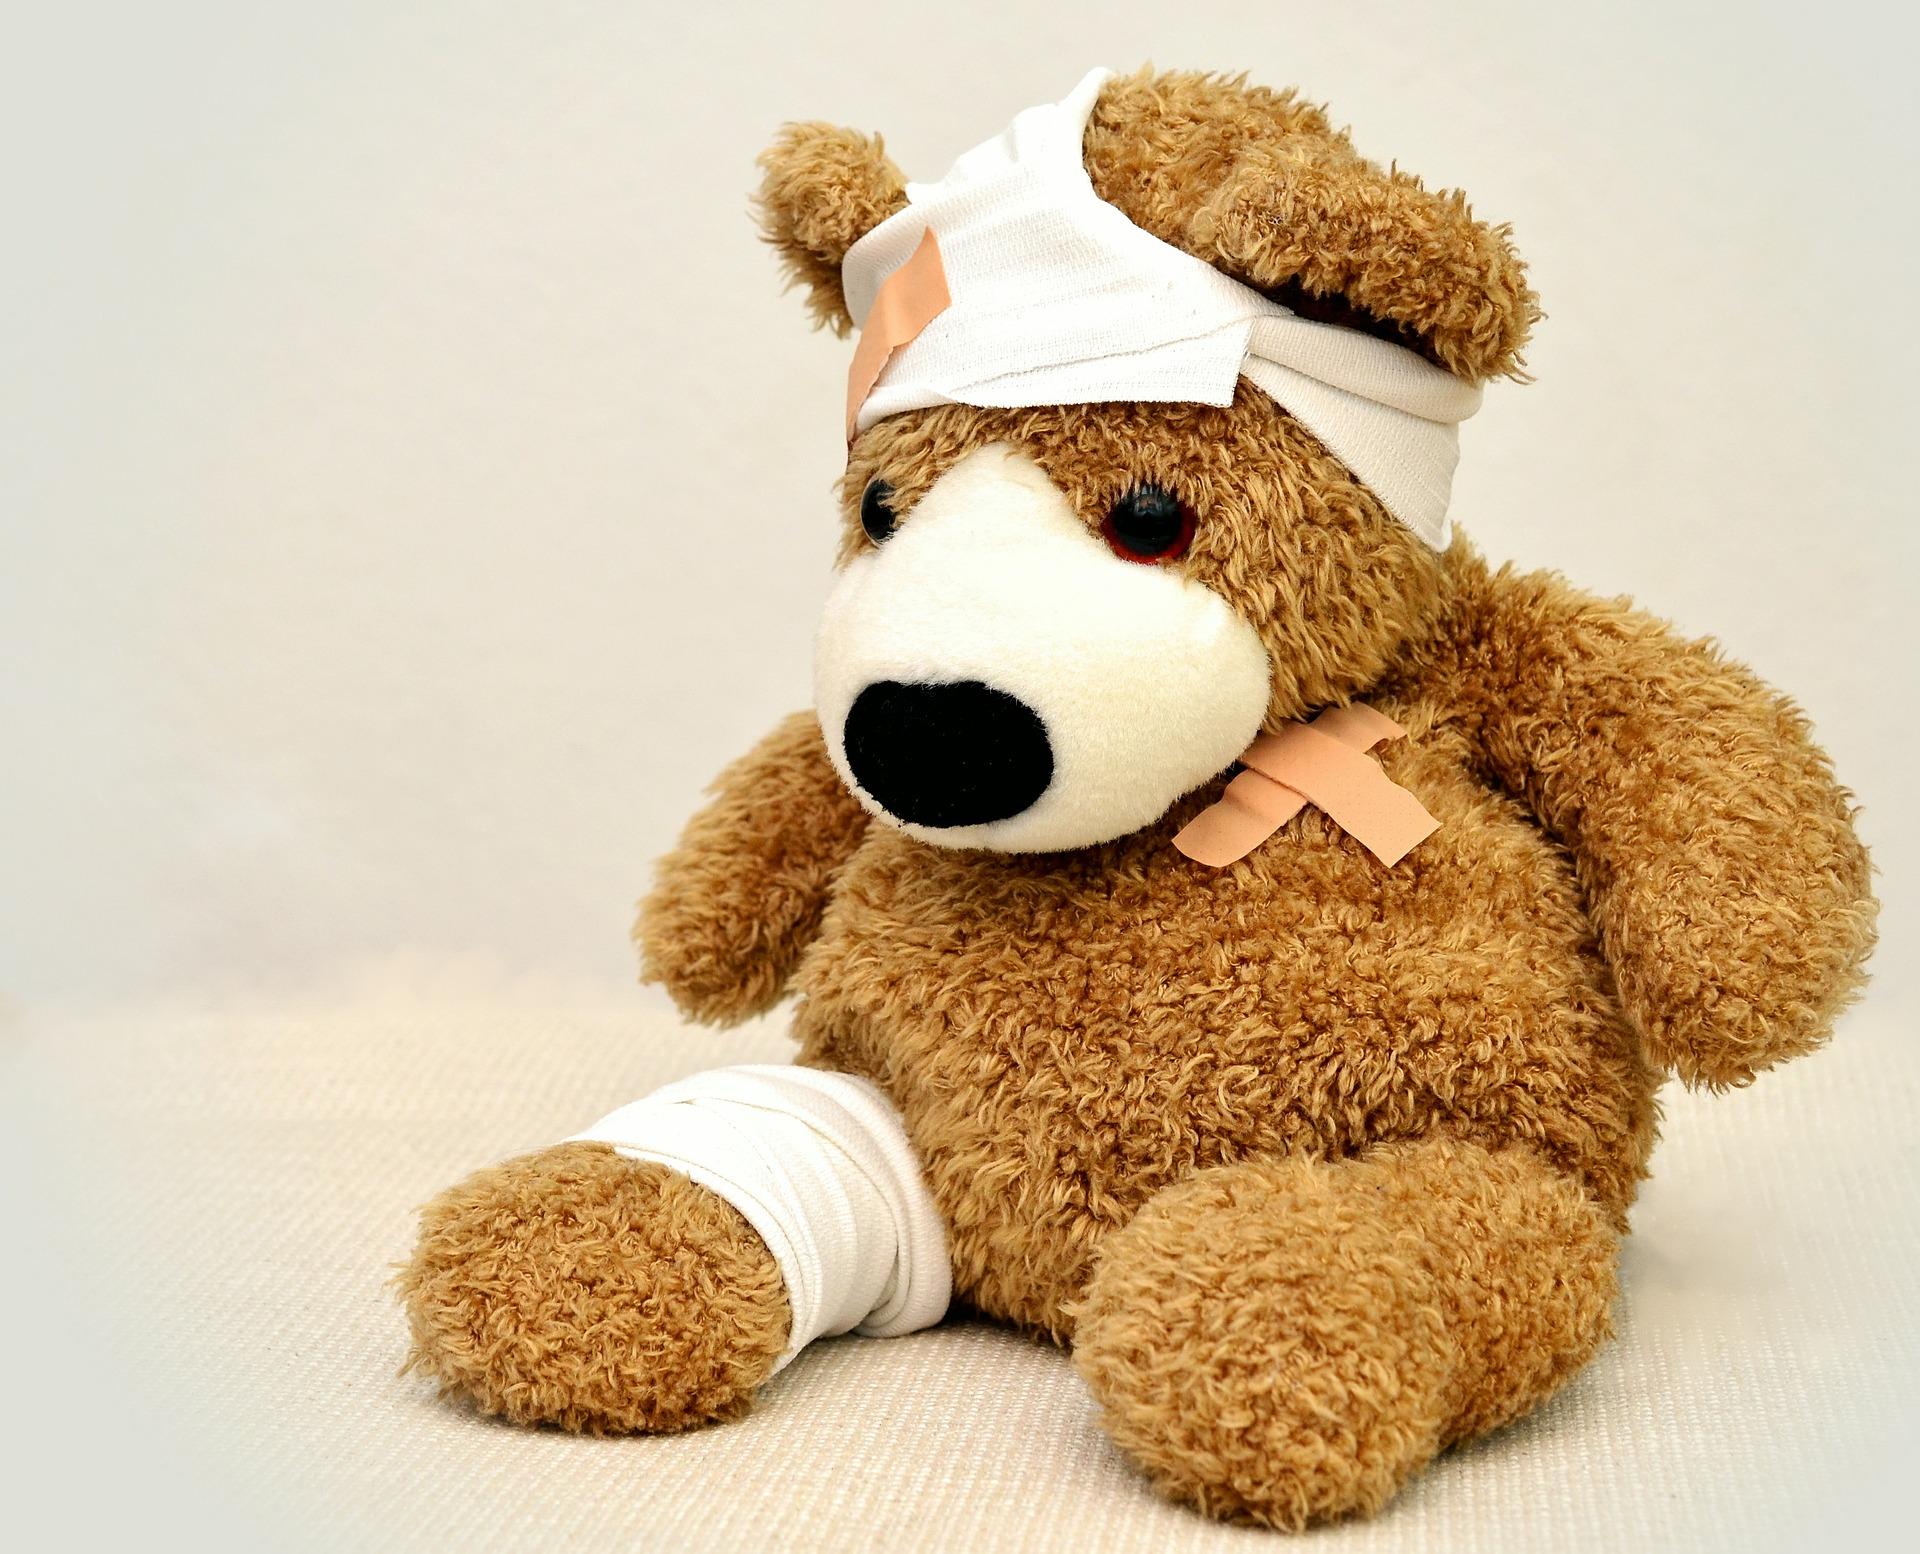 teddy-562960_1920-0exif